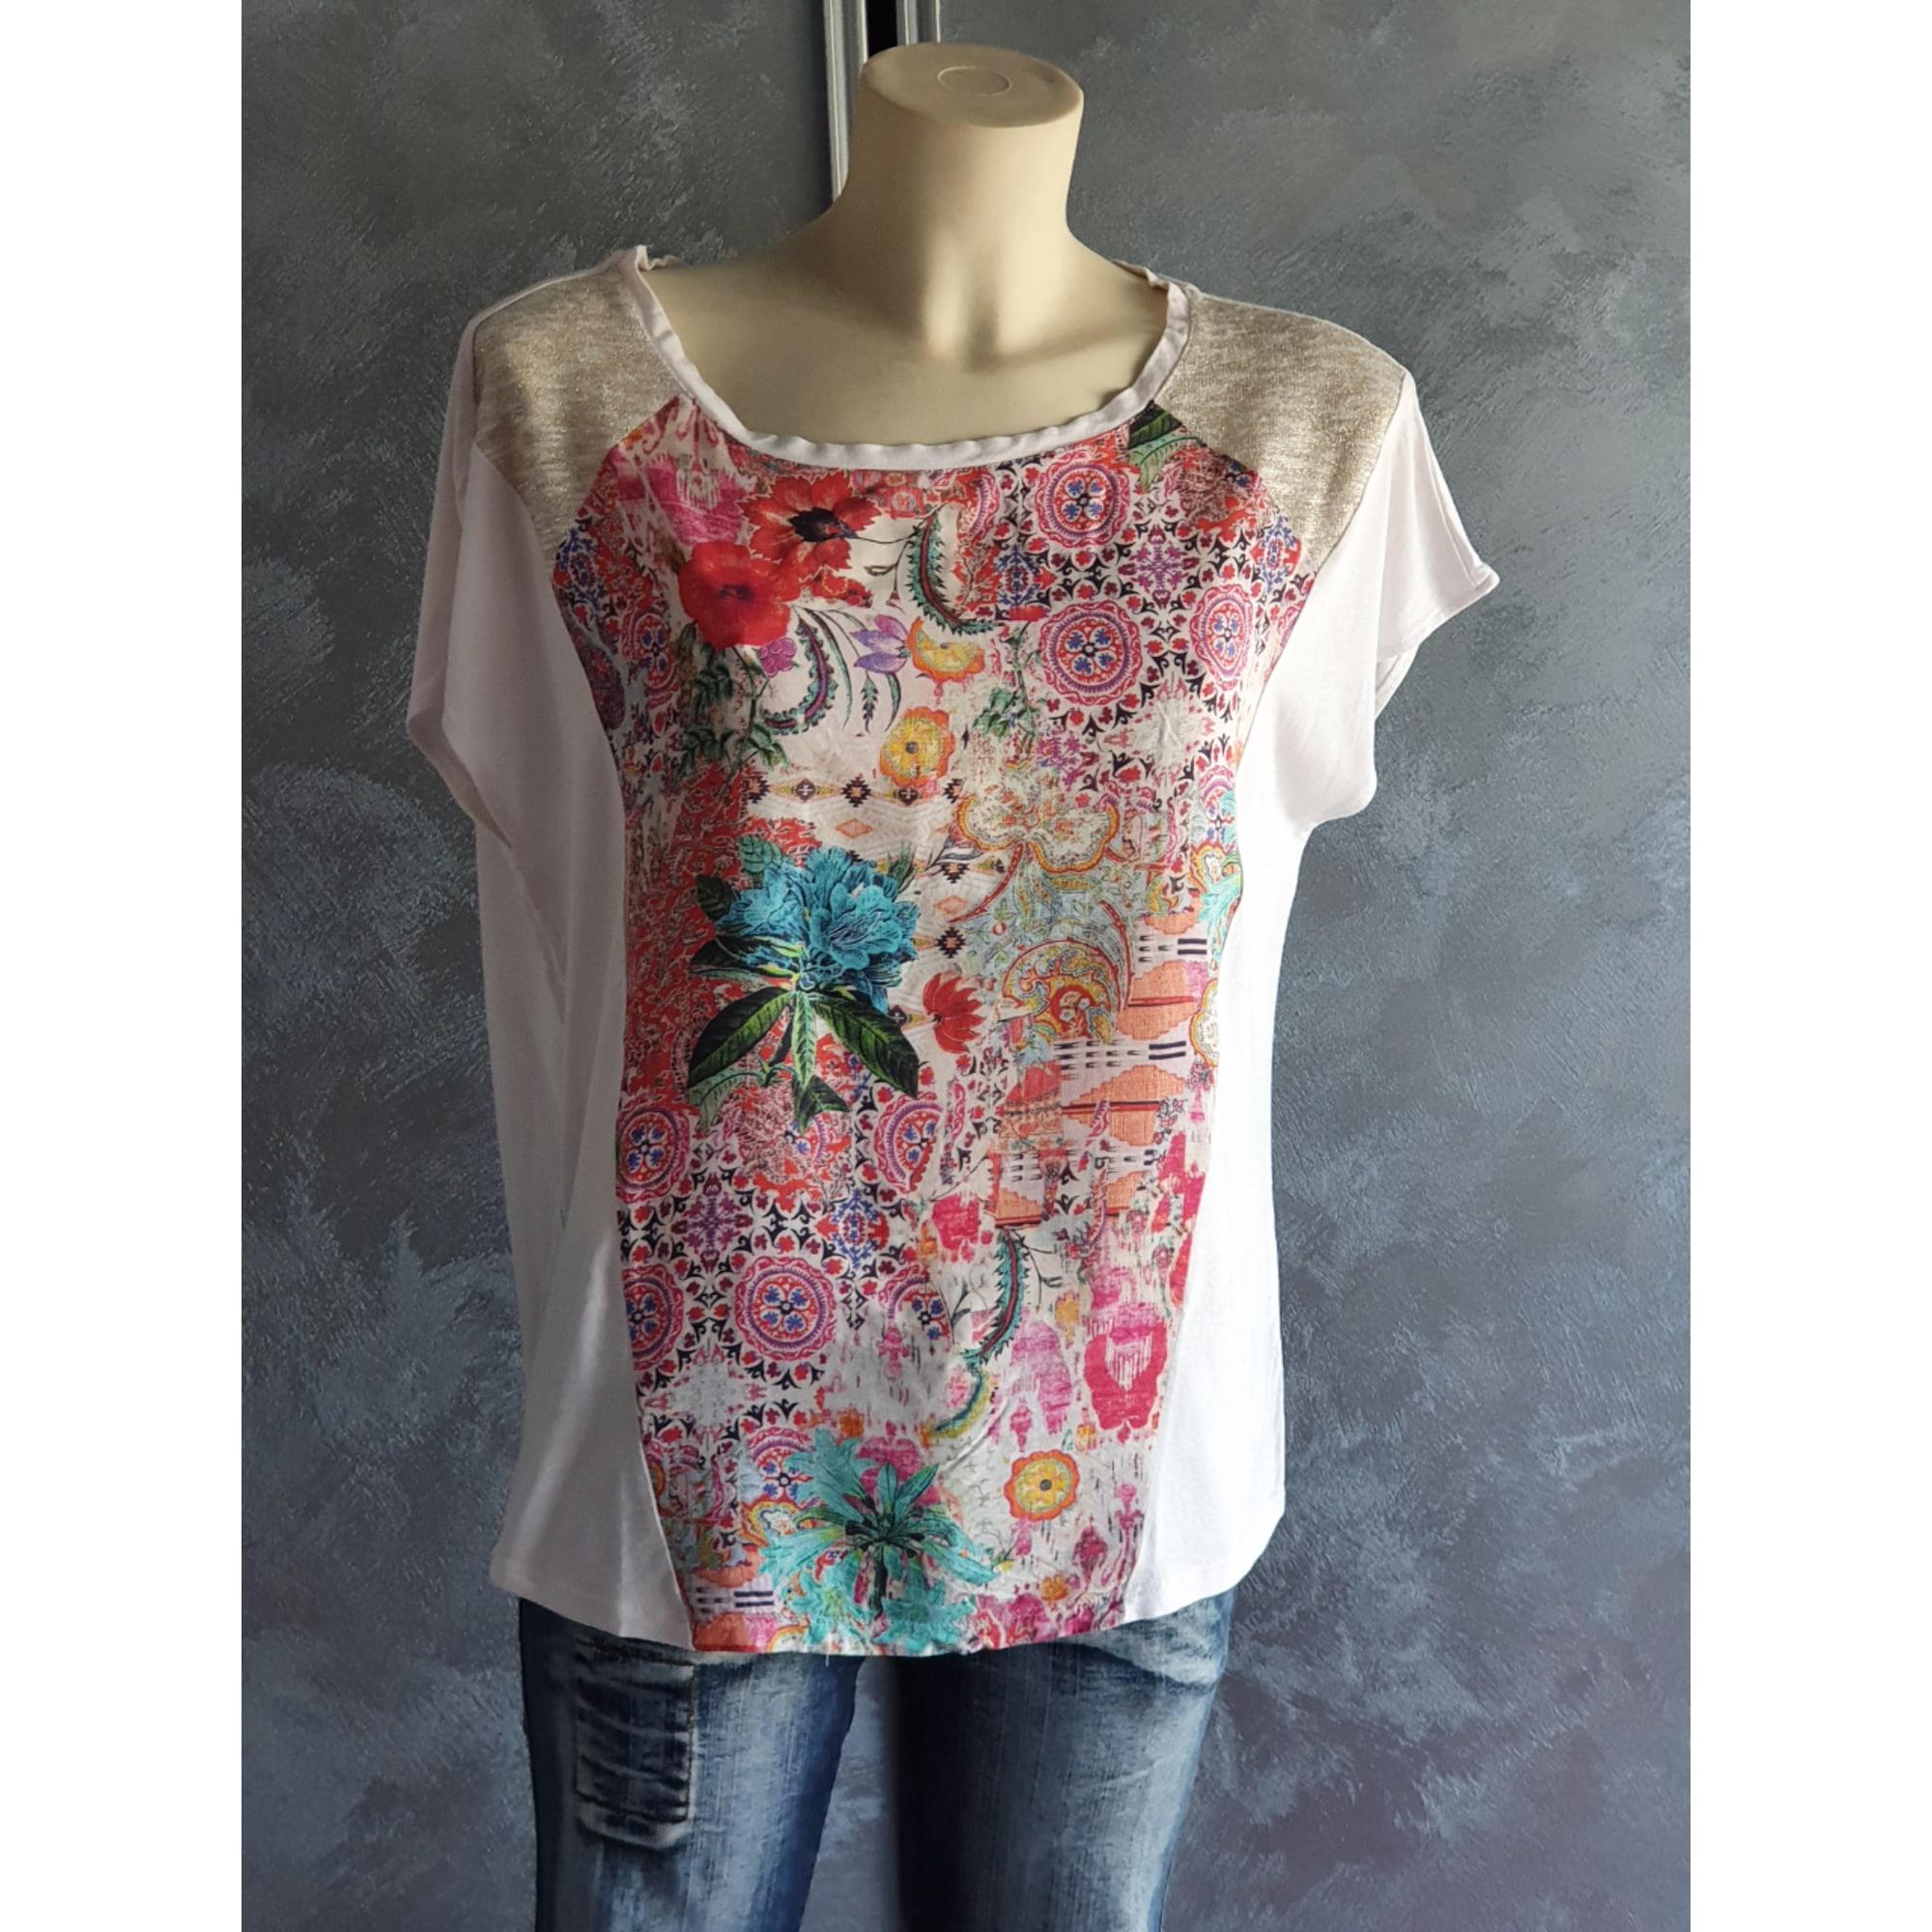 Top, tee-shirt JULIE GUERLANDE Multicouleur